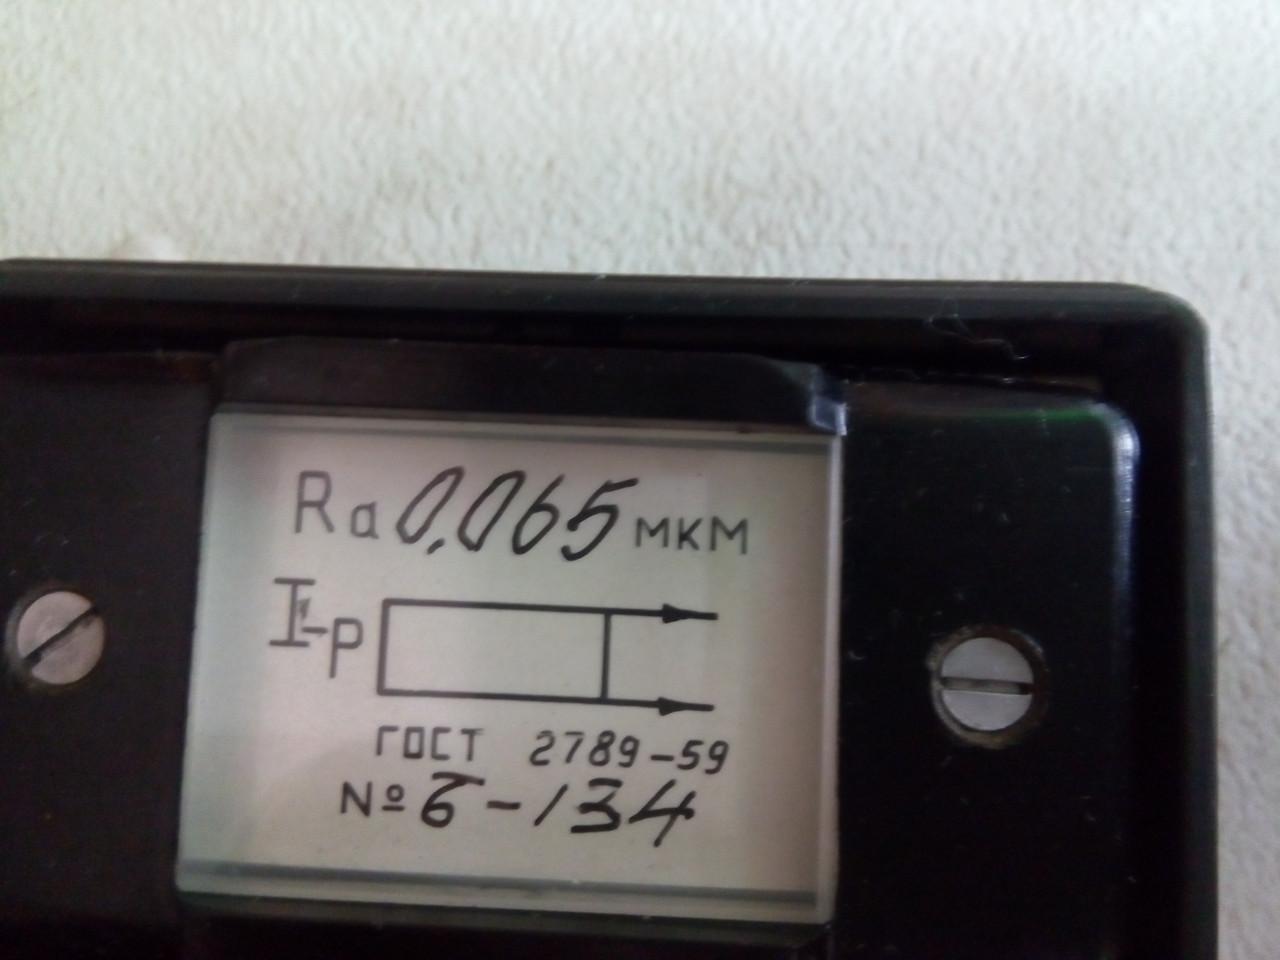 Меры шероховатости образцовая 0,065 мкм,Мера шероховатости образцовая Ra0,054мкм возможна калибровка в  УкрЦСМ